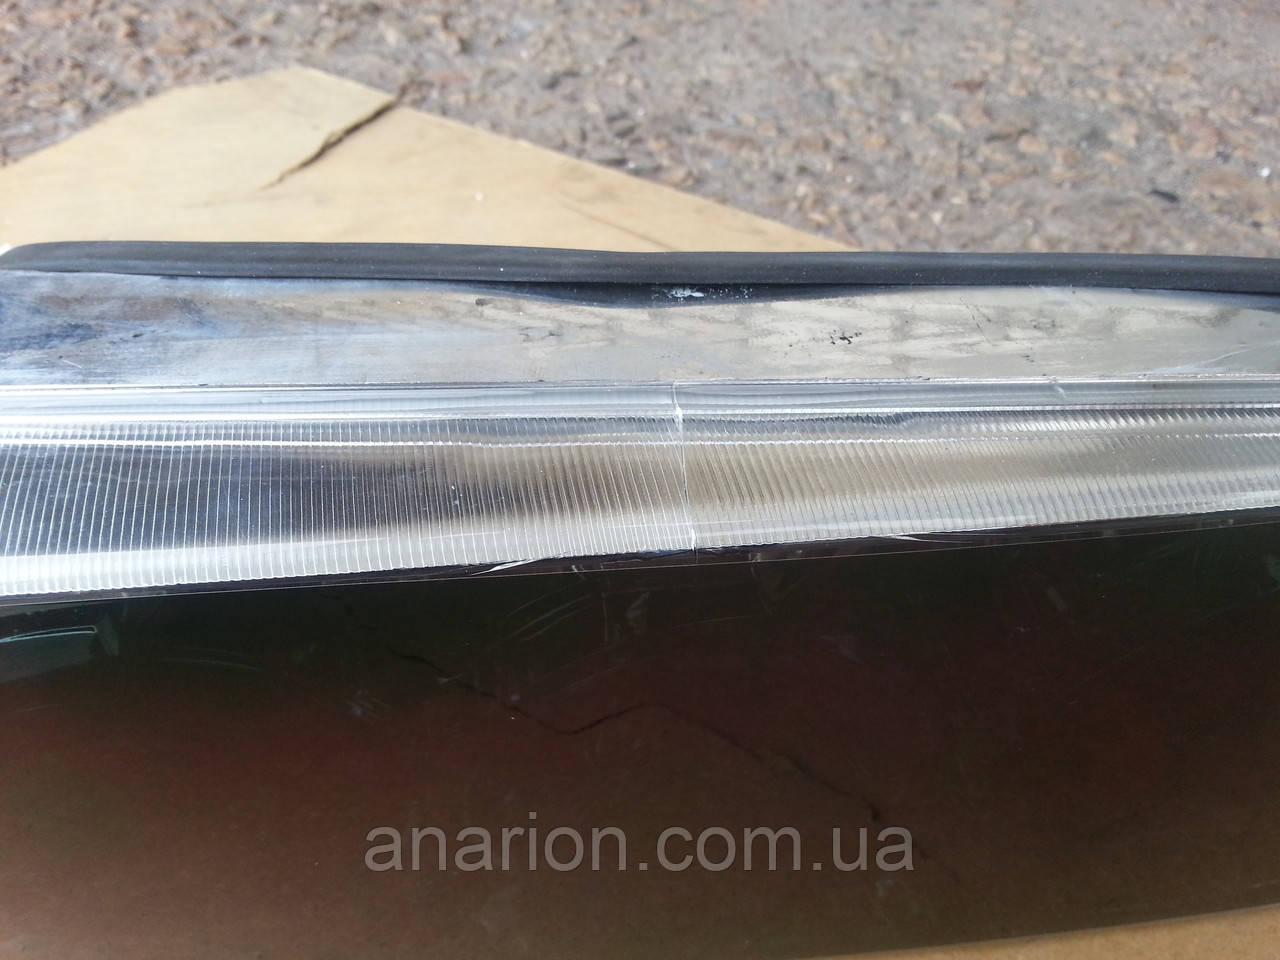 Задние фонари на ВАЗ 2109 Олимпиада (супер черные) с трещиной сбоку.